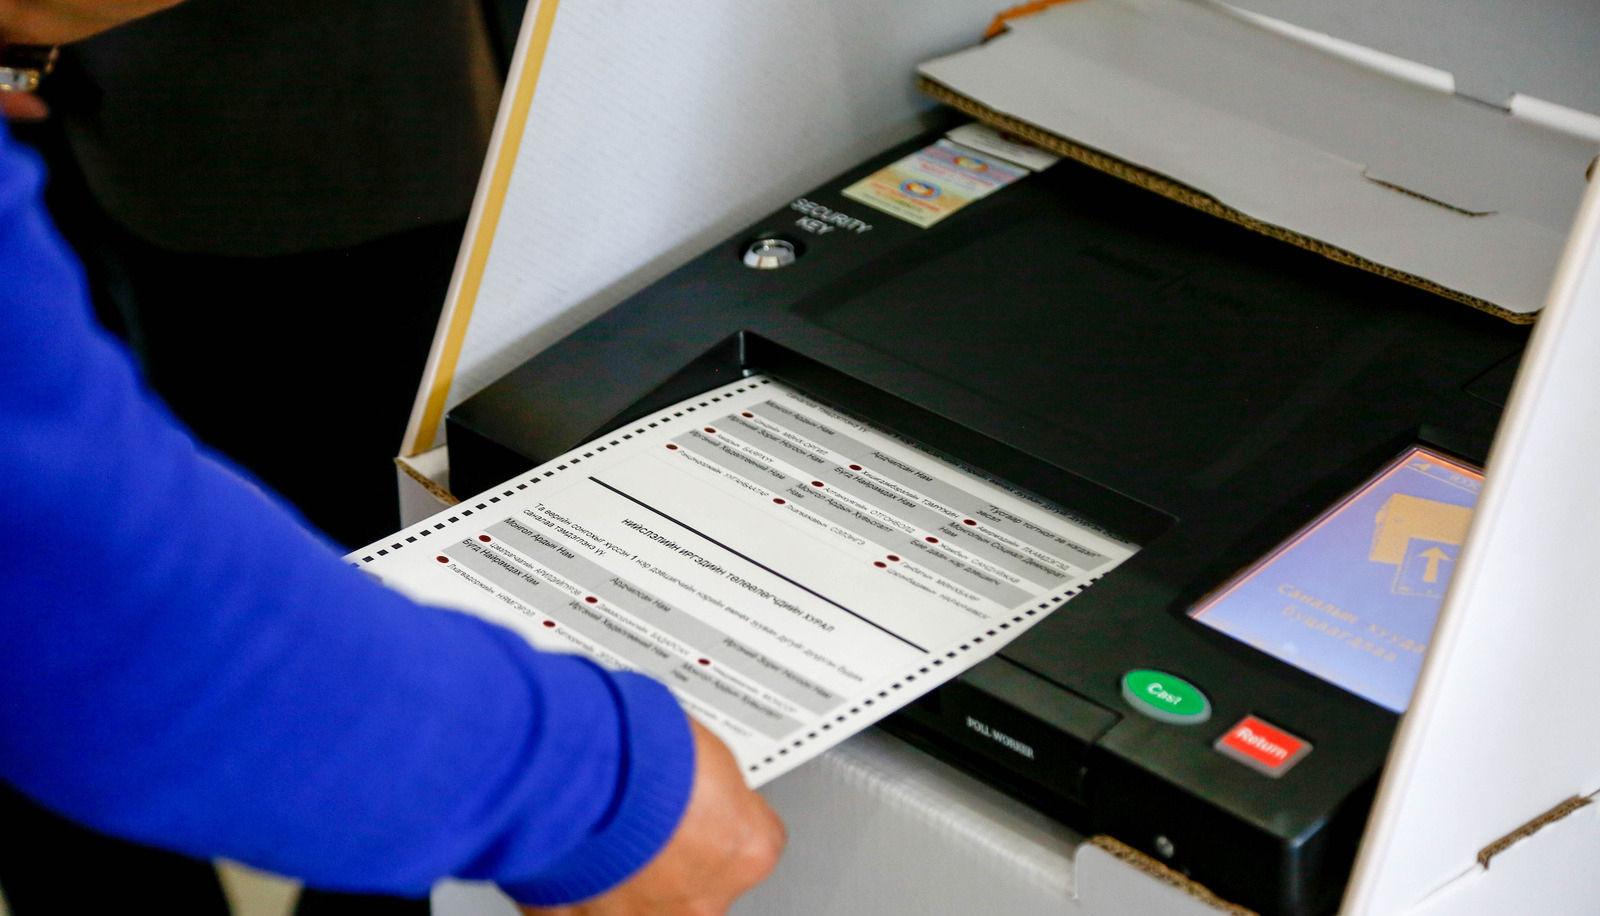 Сонгуулийн тойрог, түүний мандатын тоог хэрхэн хуваах вэ?